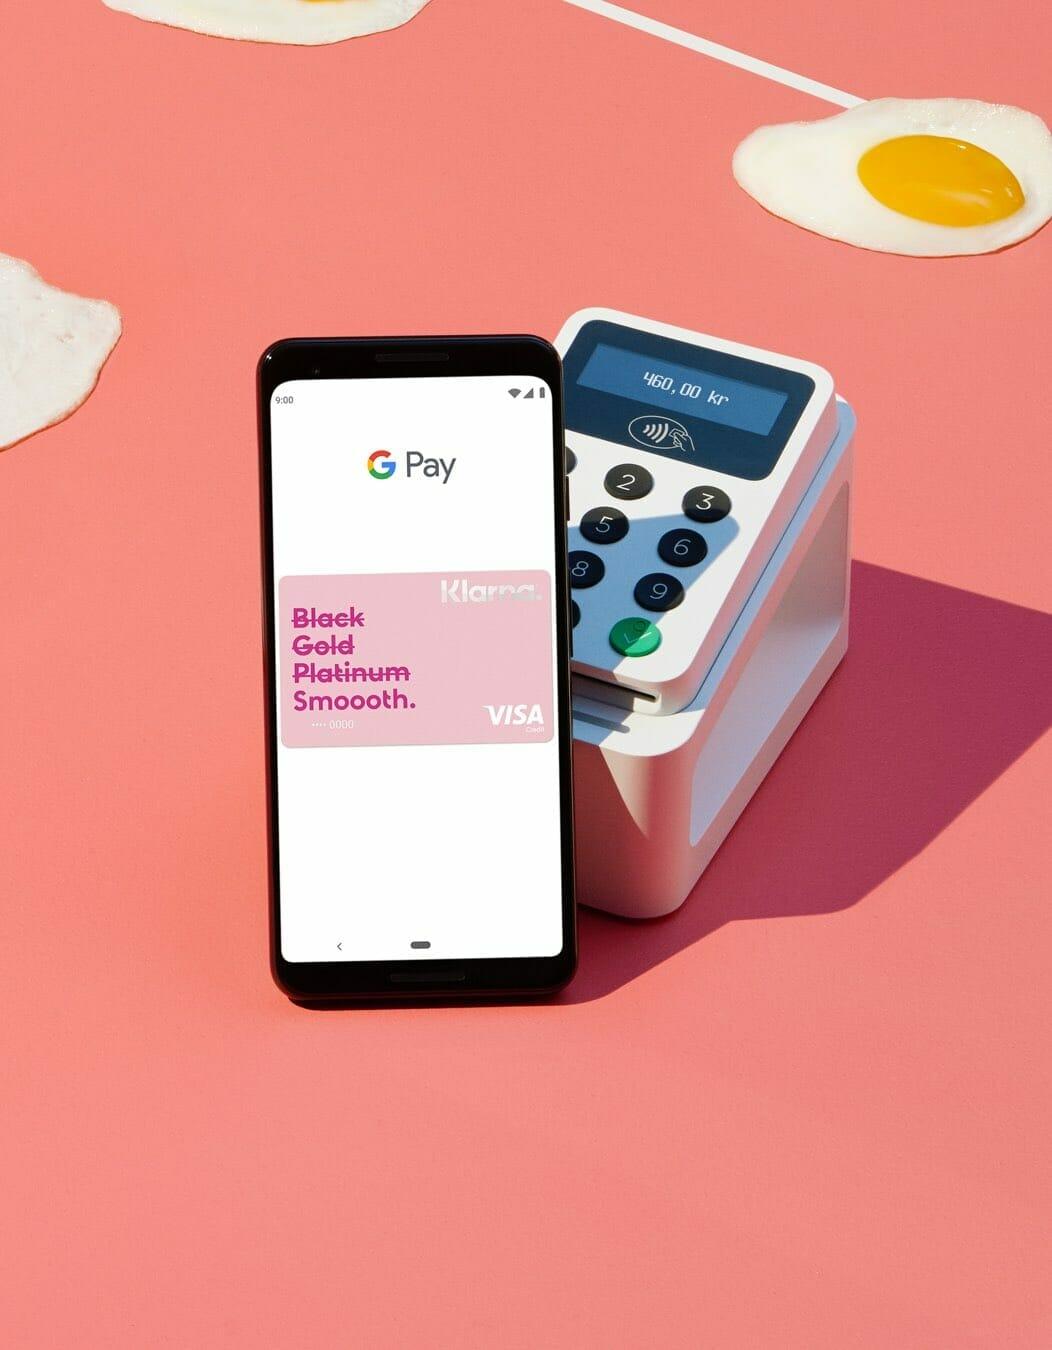 Klarnakortet med Google Pay